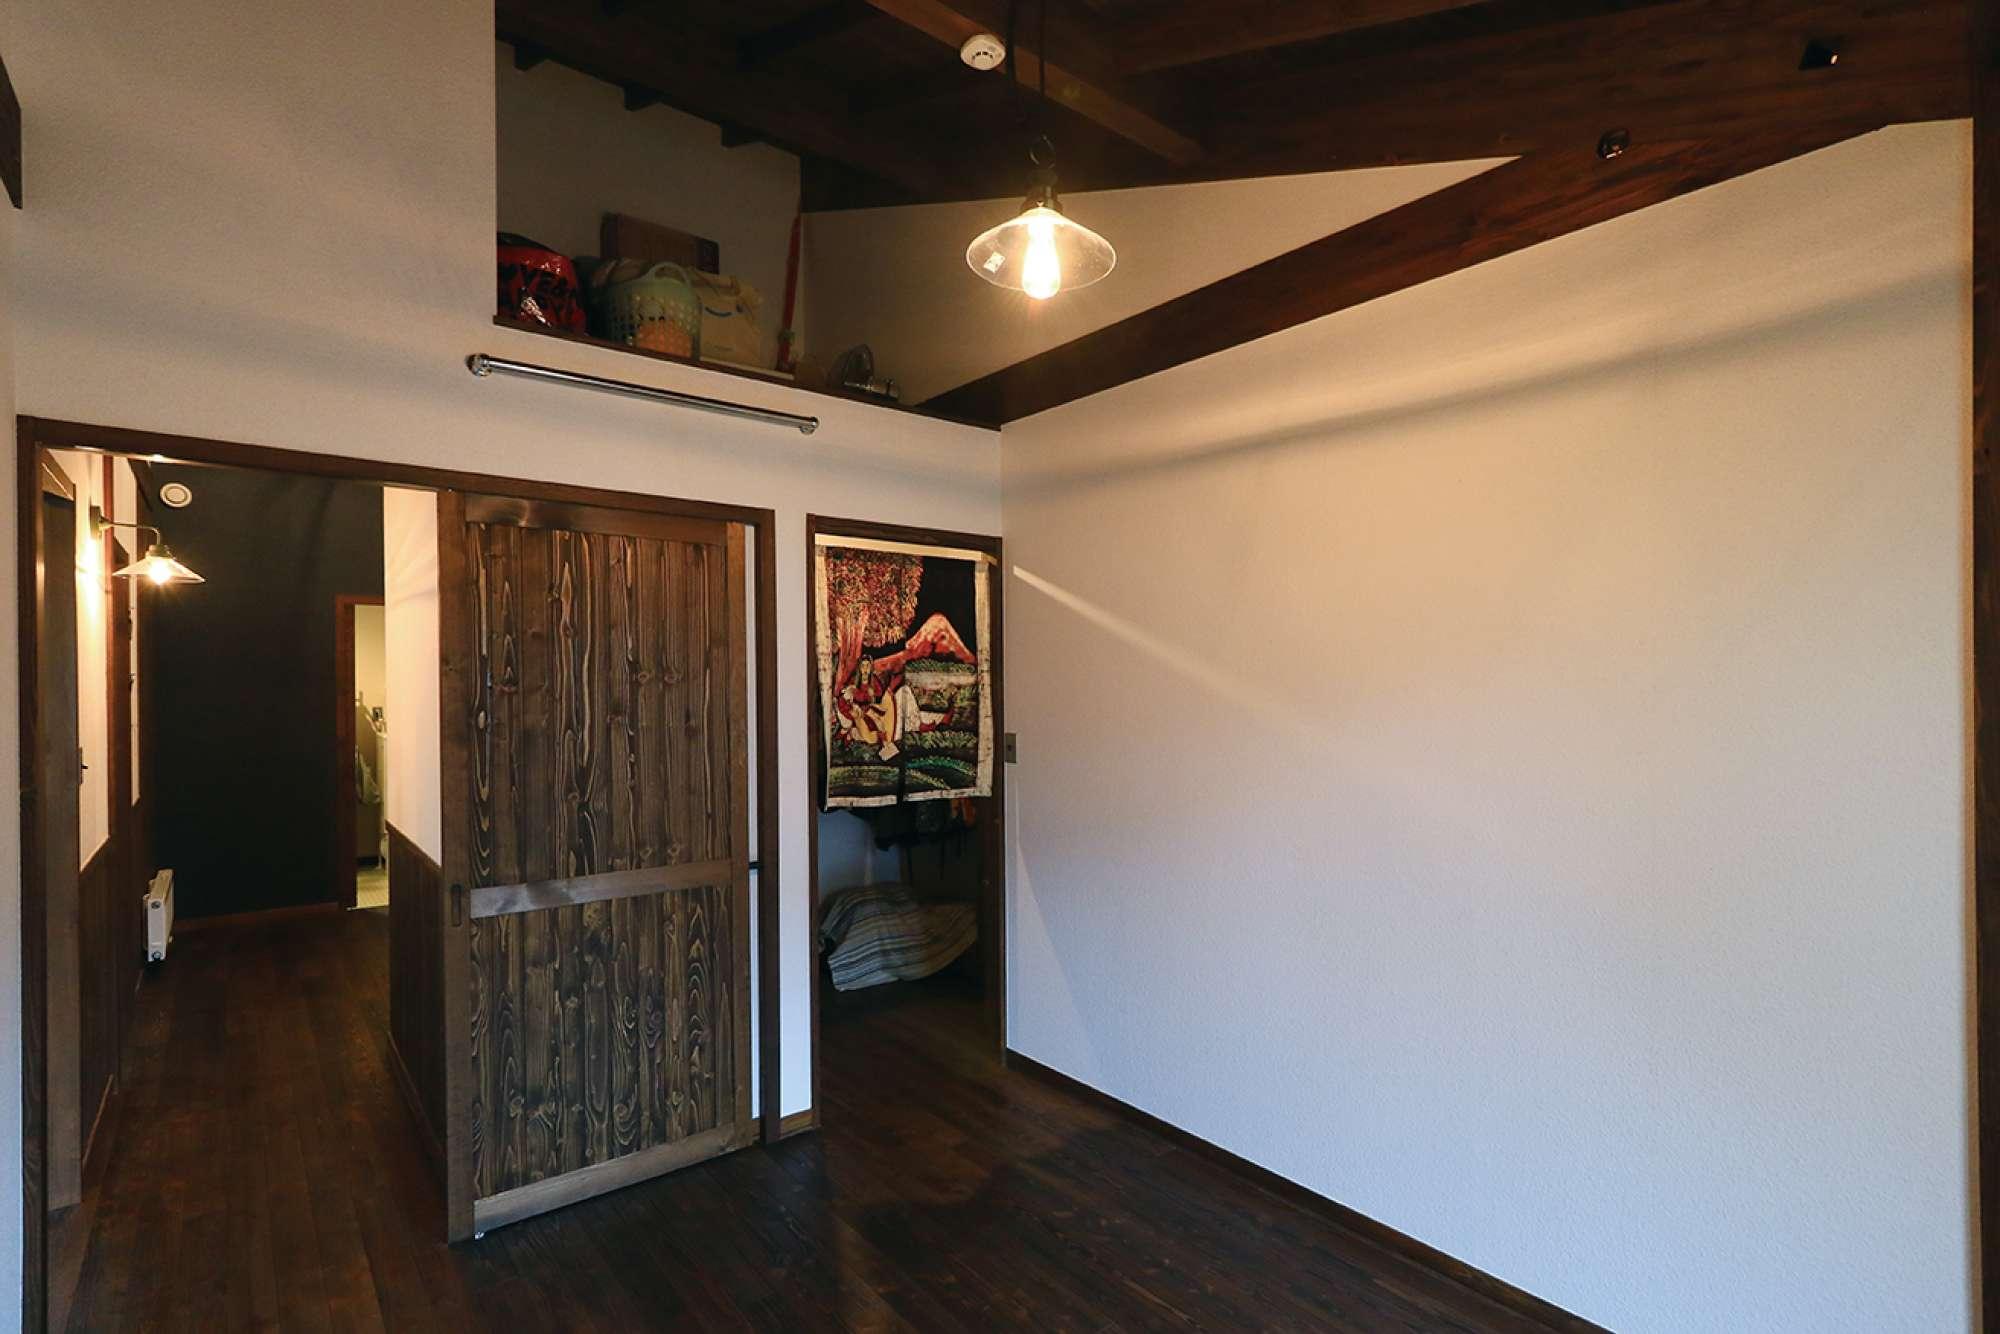 ウォークインクロゼットを配した寝室。小屋裏収納も実現 -  -  -